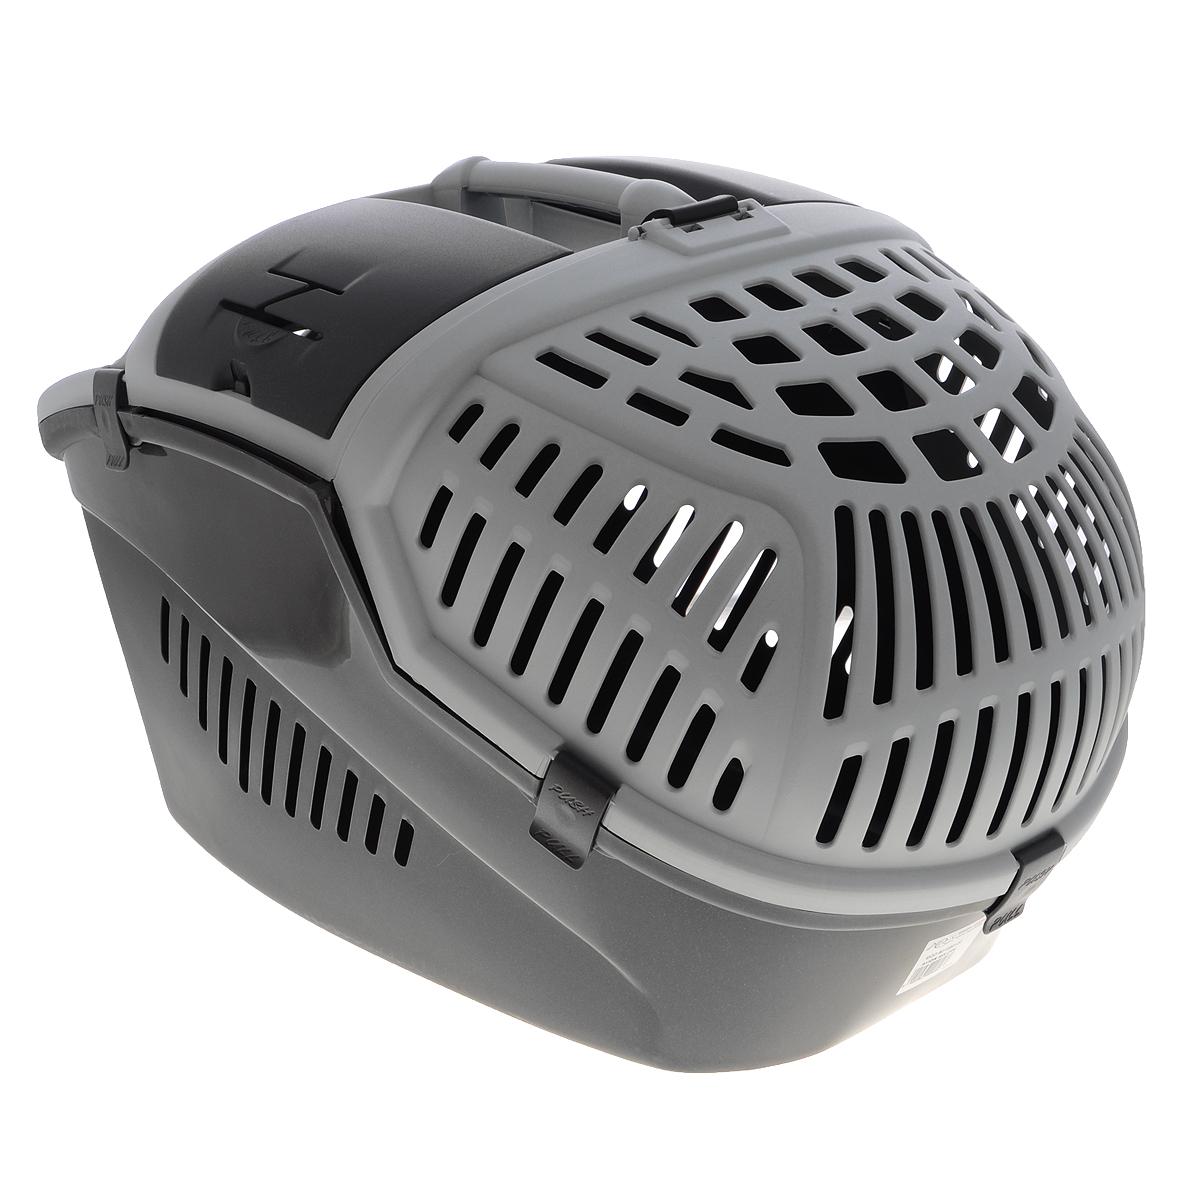 Переноска для животных MPS Avior, цвет: серый, 57,5 см х 39,5 см х 40,5 смS01020100Переноска MPS Avior, выполненная из высококачественного пластика, прекрасно подойдет для транспортировки кошек и собак. Крышка и стенки переноски оснащены отверстиями для вентиляции. Прочная ручка обеспечивает большую безопасность при переноске. Крышка надежно крепится к корпусу при помощи защелок. Переноска может полностью открываться с двух сторон в вертикальном положении. Если Вы захотите успокоить Вашего питомца или угостить его лакомством, Вы можете просто открыть небольшой люк в верхней части переноски и просунуть внутрь руку. Кроме того, имеется небольшое отделение, где вы можете хранить воду, поводок или корм. а так же имеются отверстия для ремней безопасности для удобства перевоза любимца в машине. Размеры переноски: 57,5 см х 39,5 см х 40,5 см.